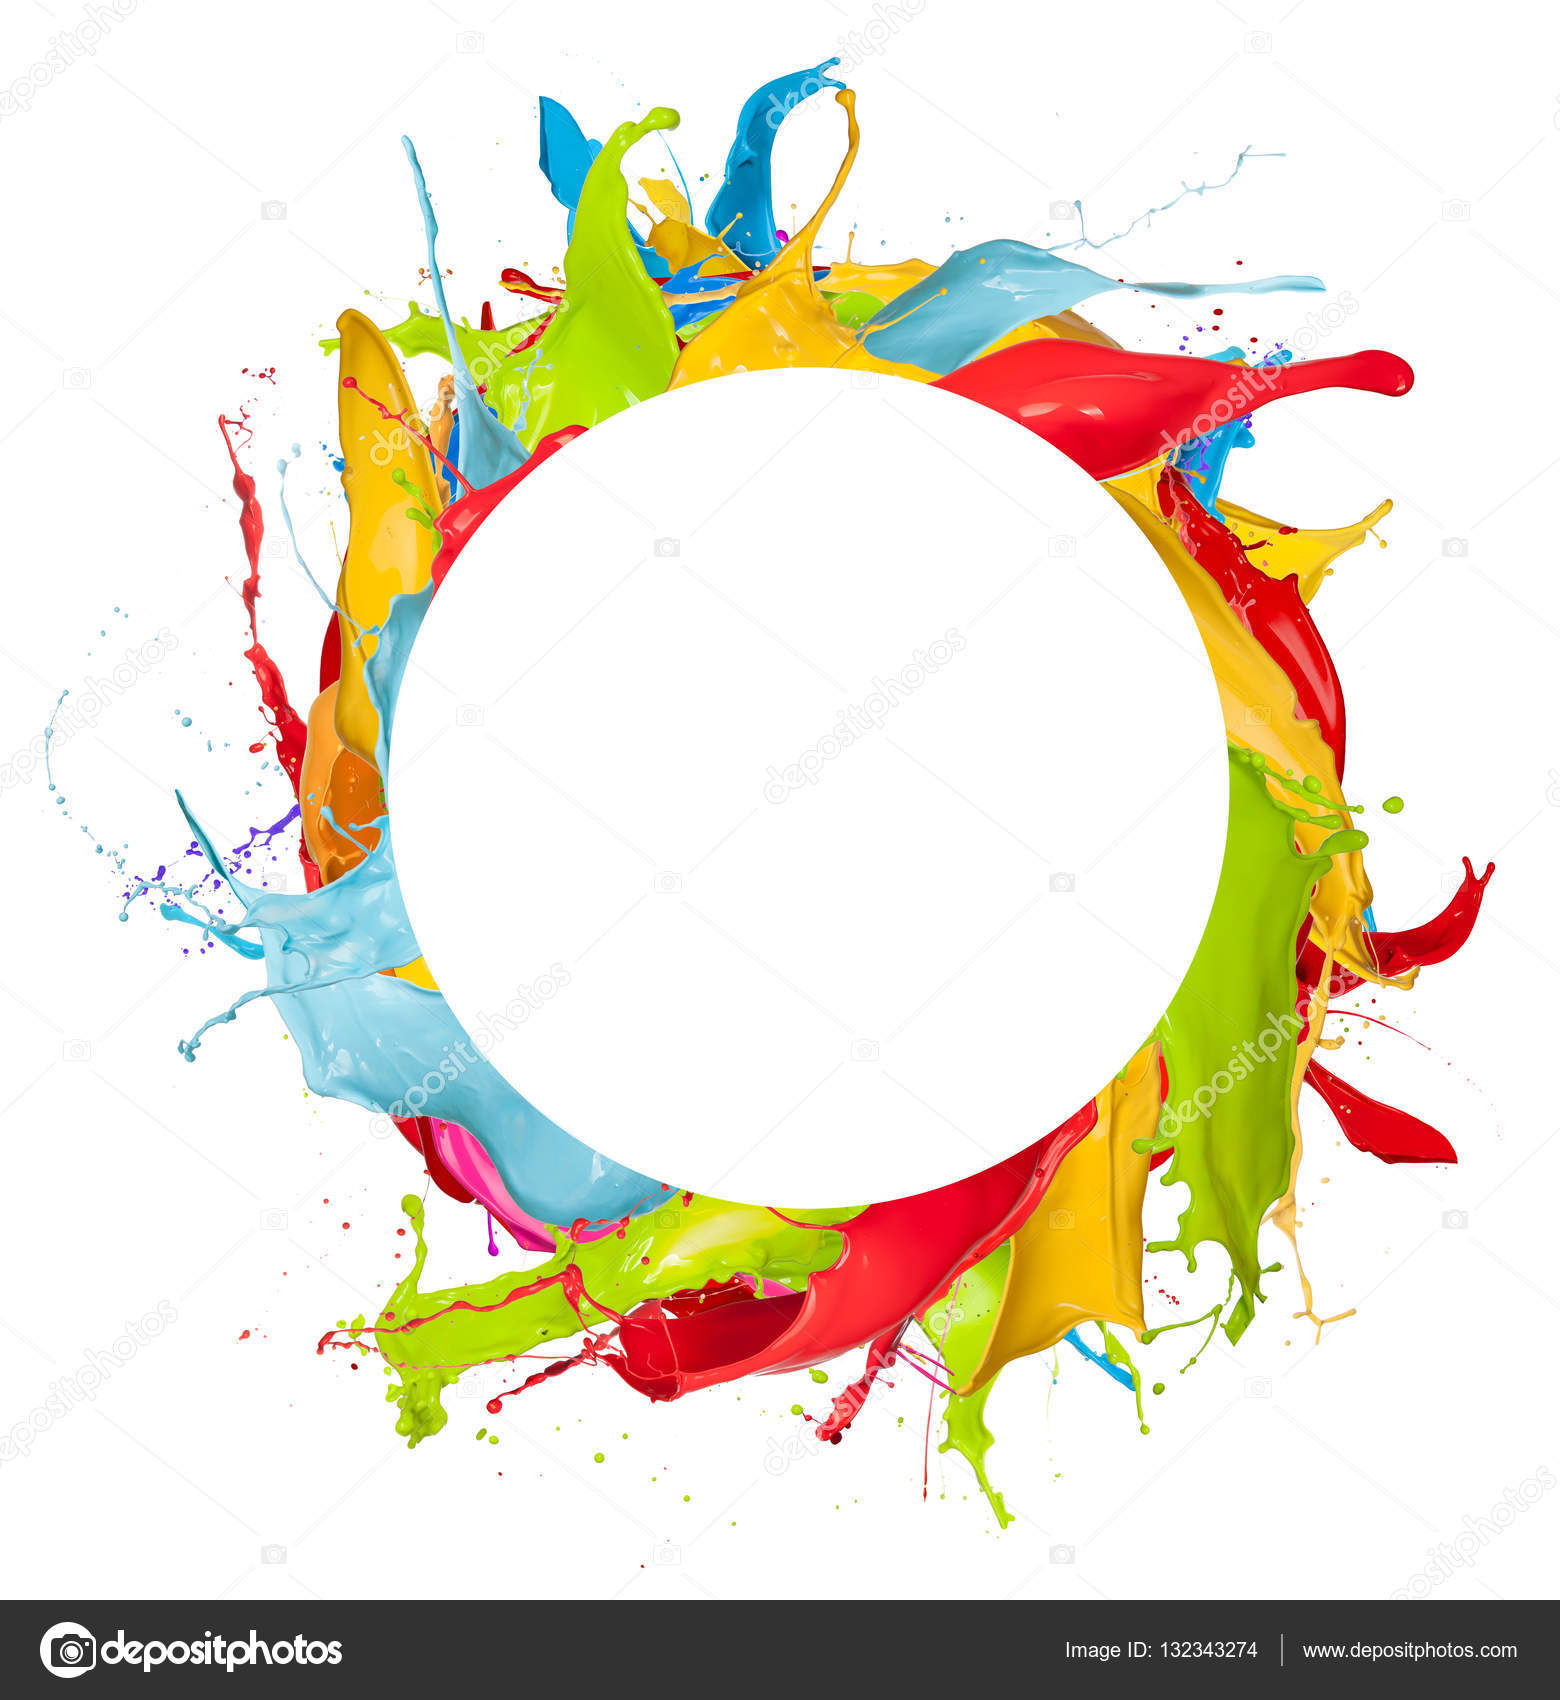 Salpicaduras de color abstracto sobre fondo blanco fotos de stock jag cz 132343274 - Salpicaduras de pintura ...